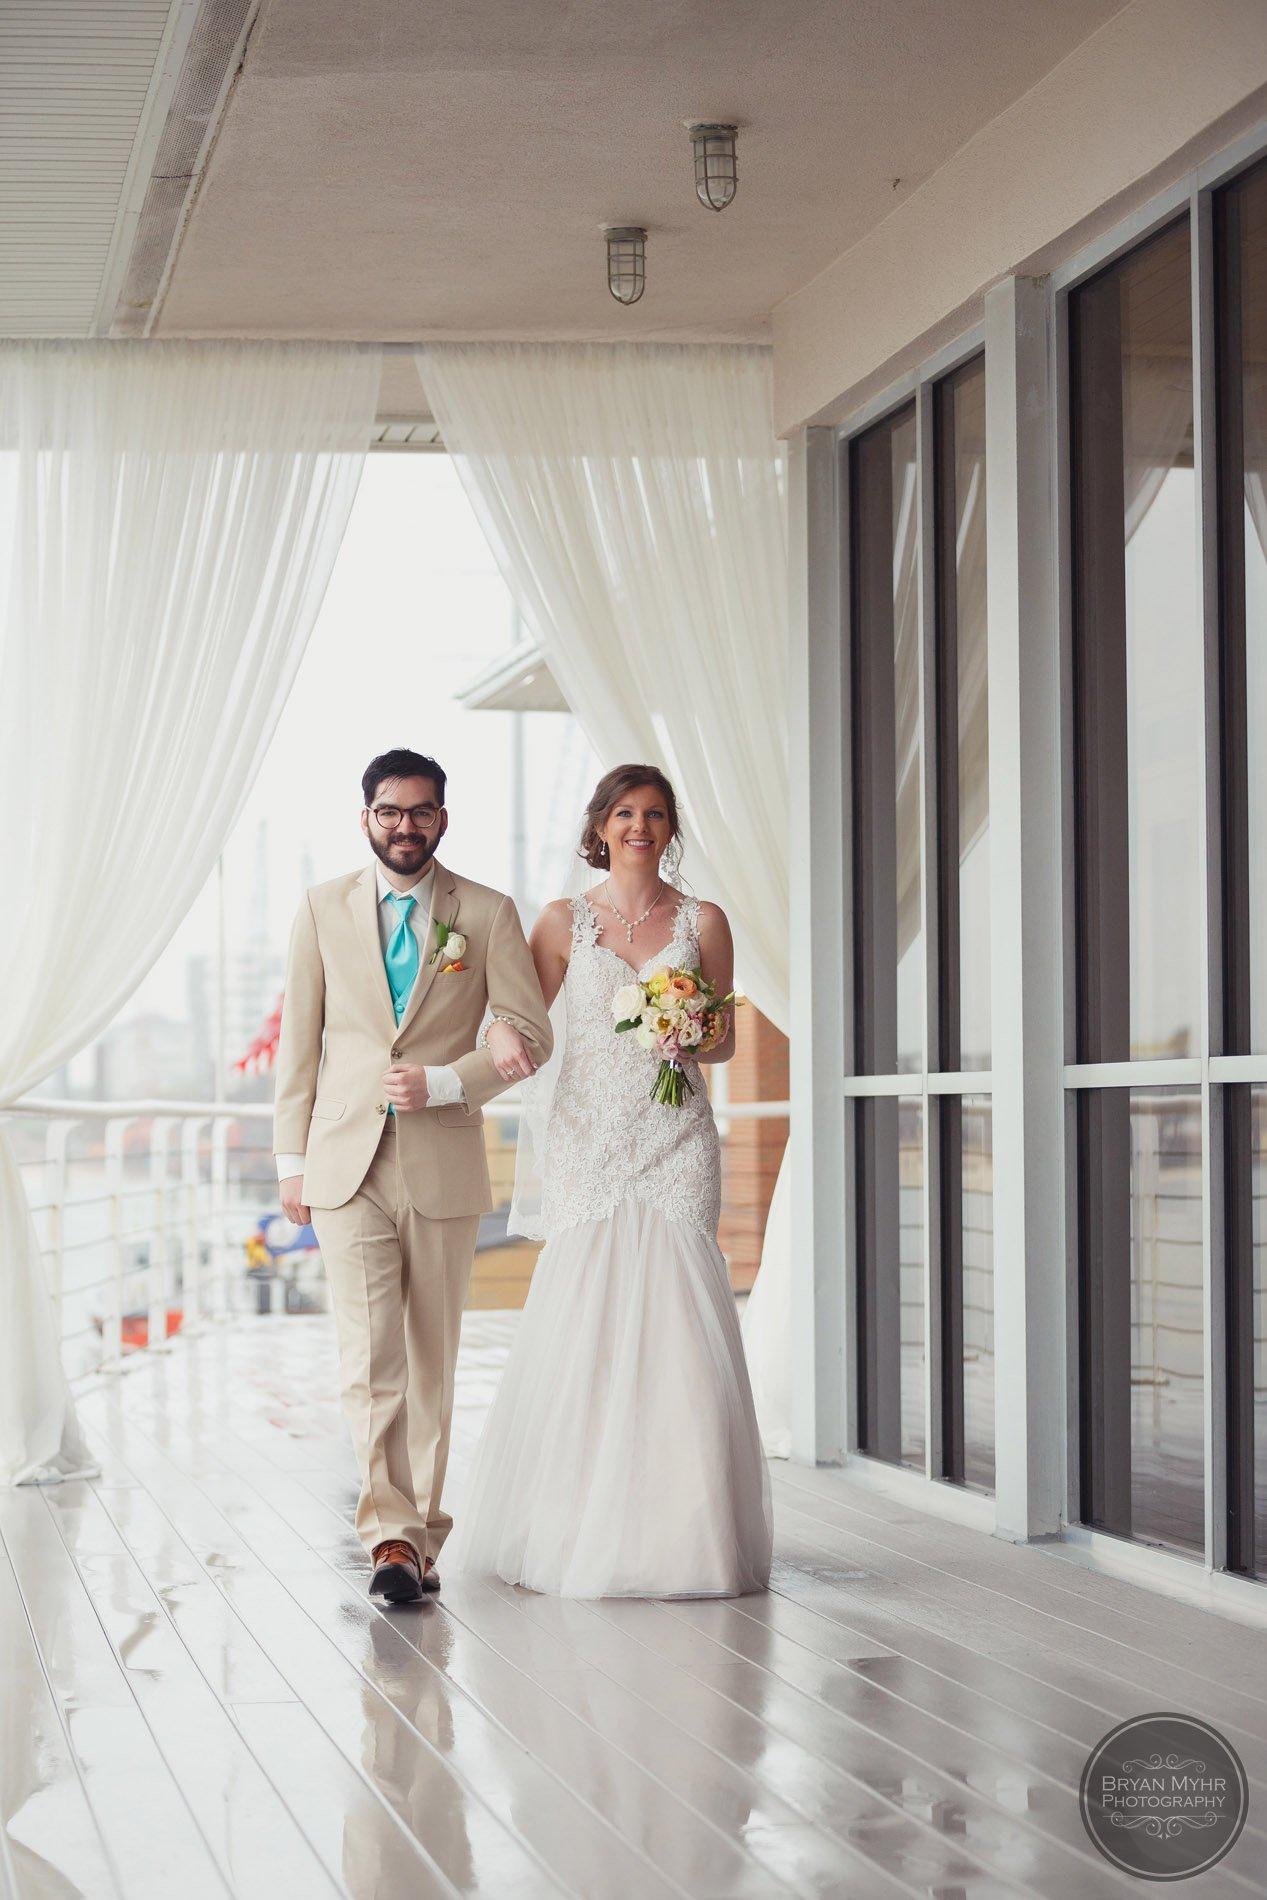 Rainy-Lesner-Inn-Wedding-Virginia-Beach-Venue